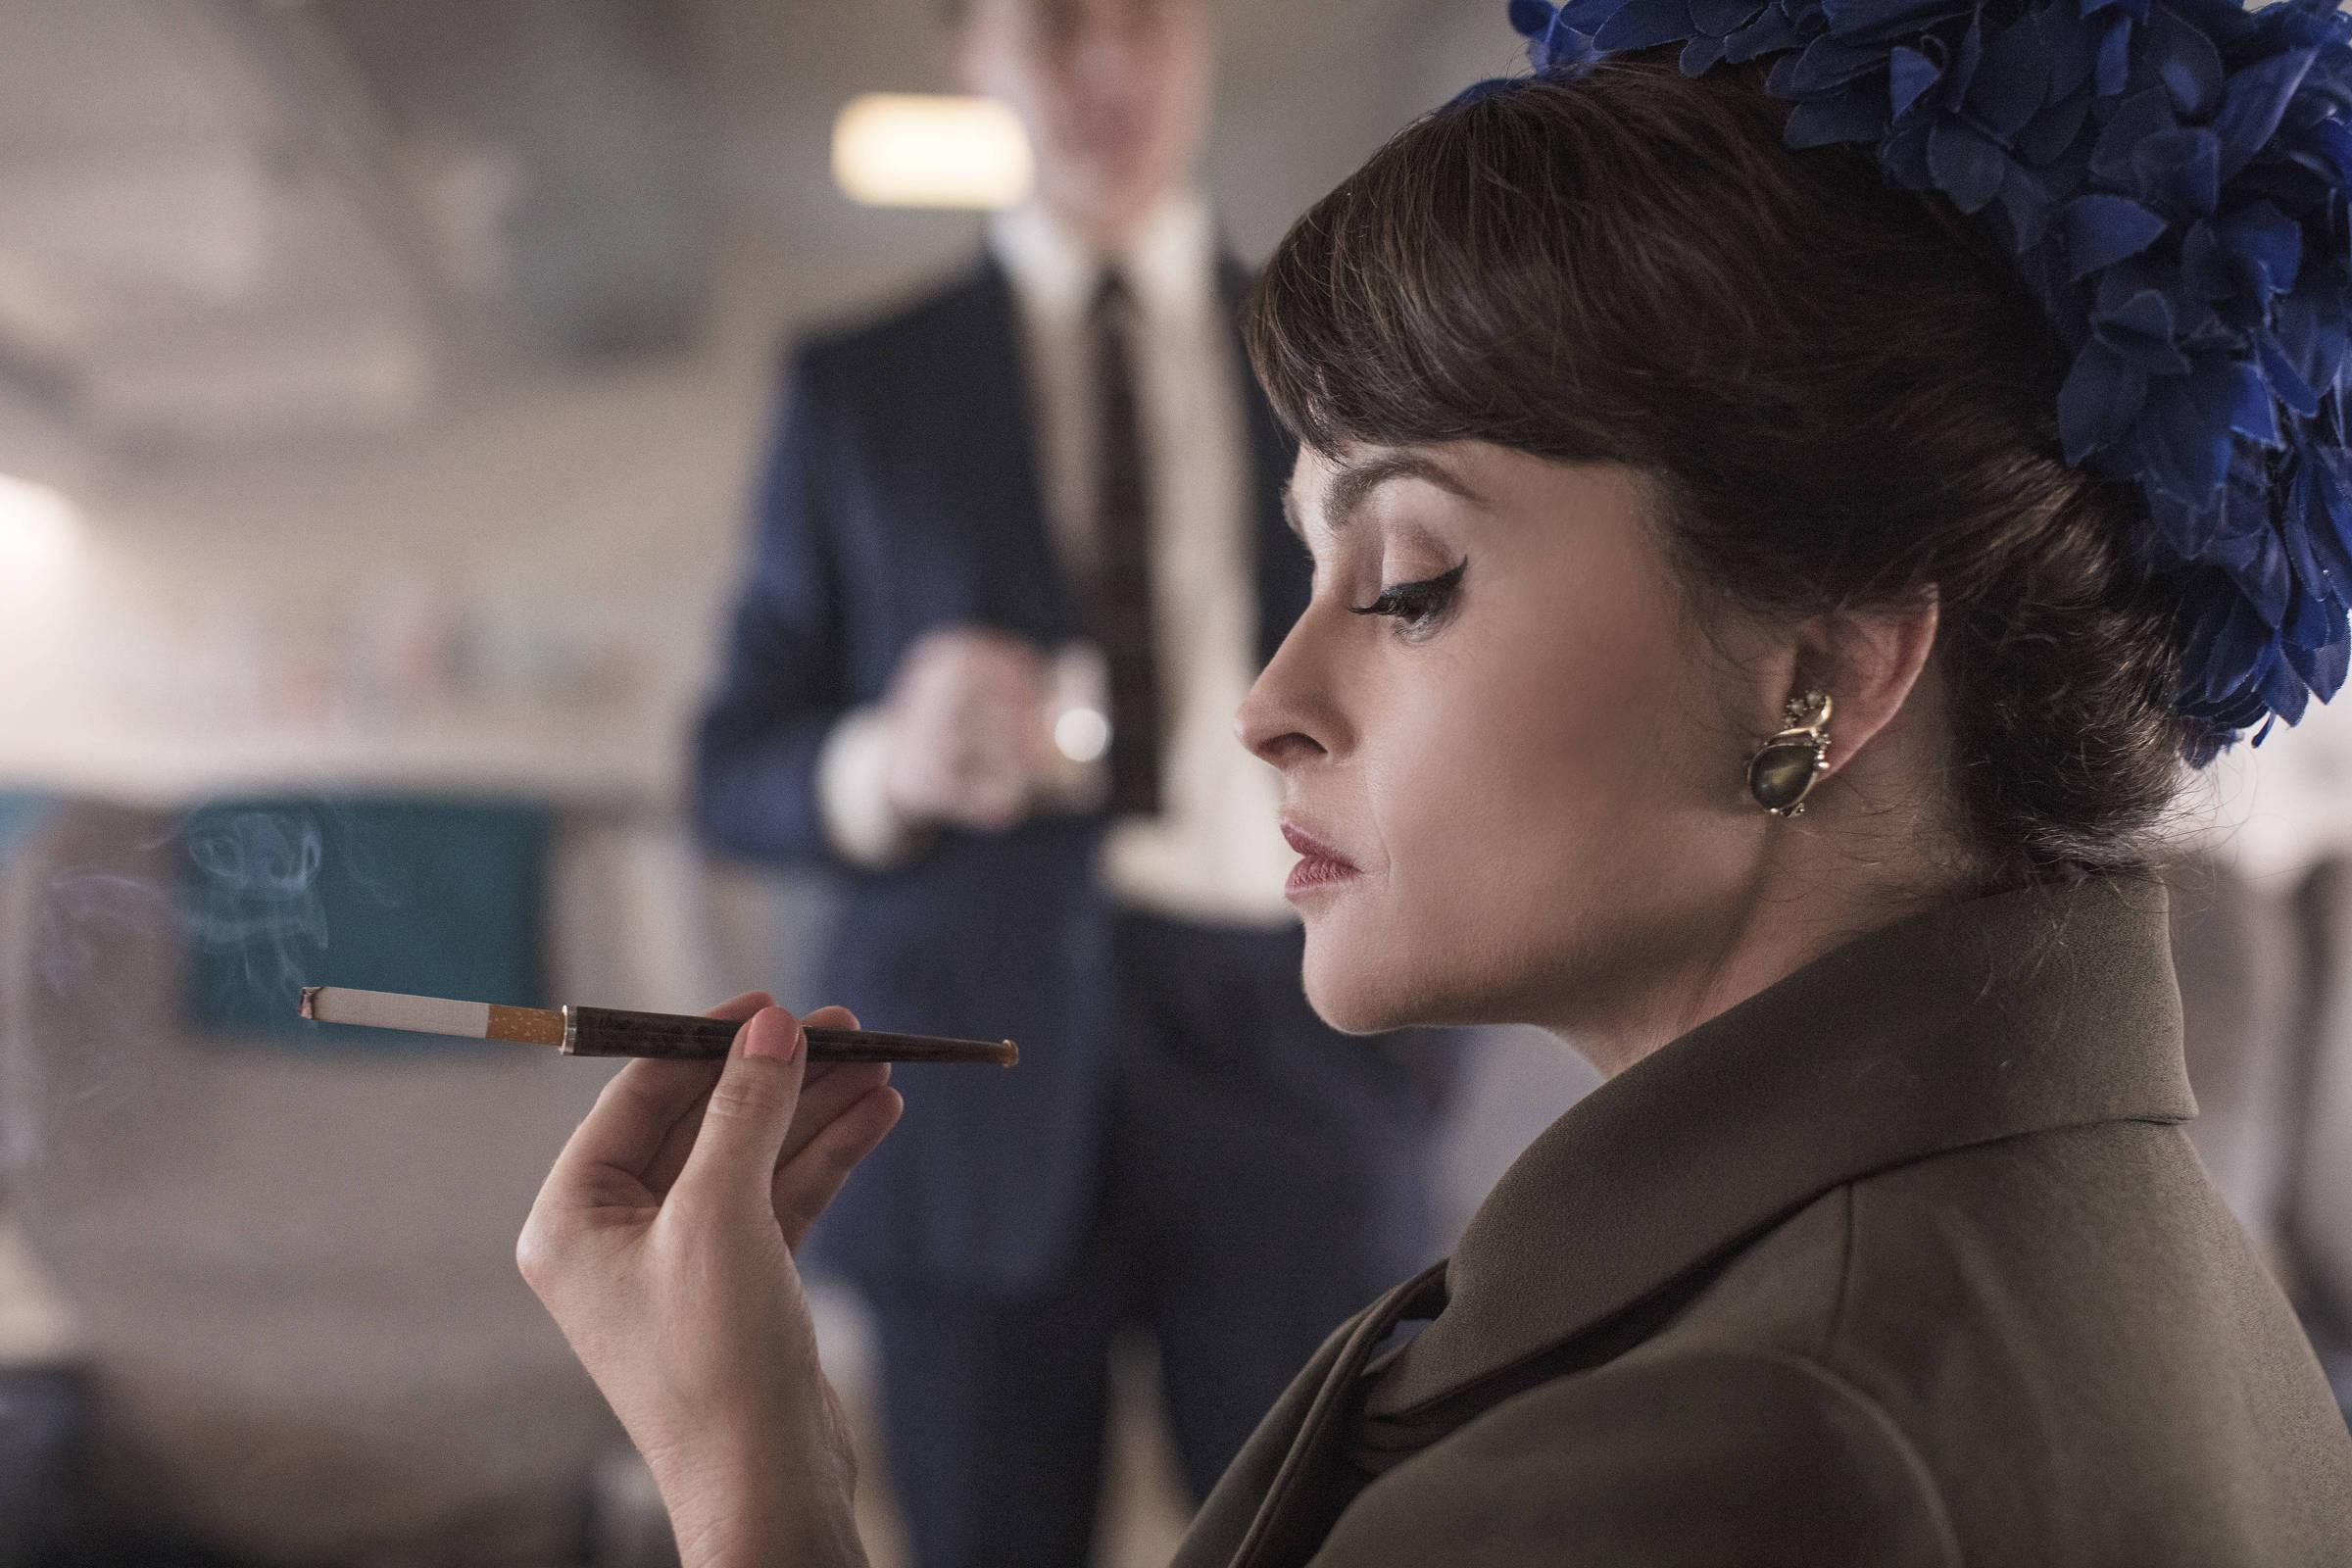 Com Olivia Colman no elenco, realeza britânica parece a máfia em 'The Crown' - Folha de S.Paulo